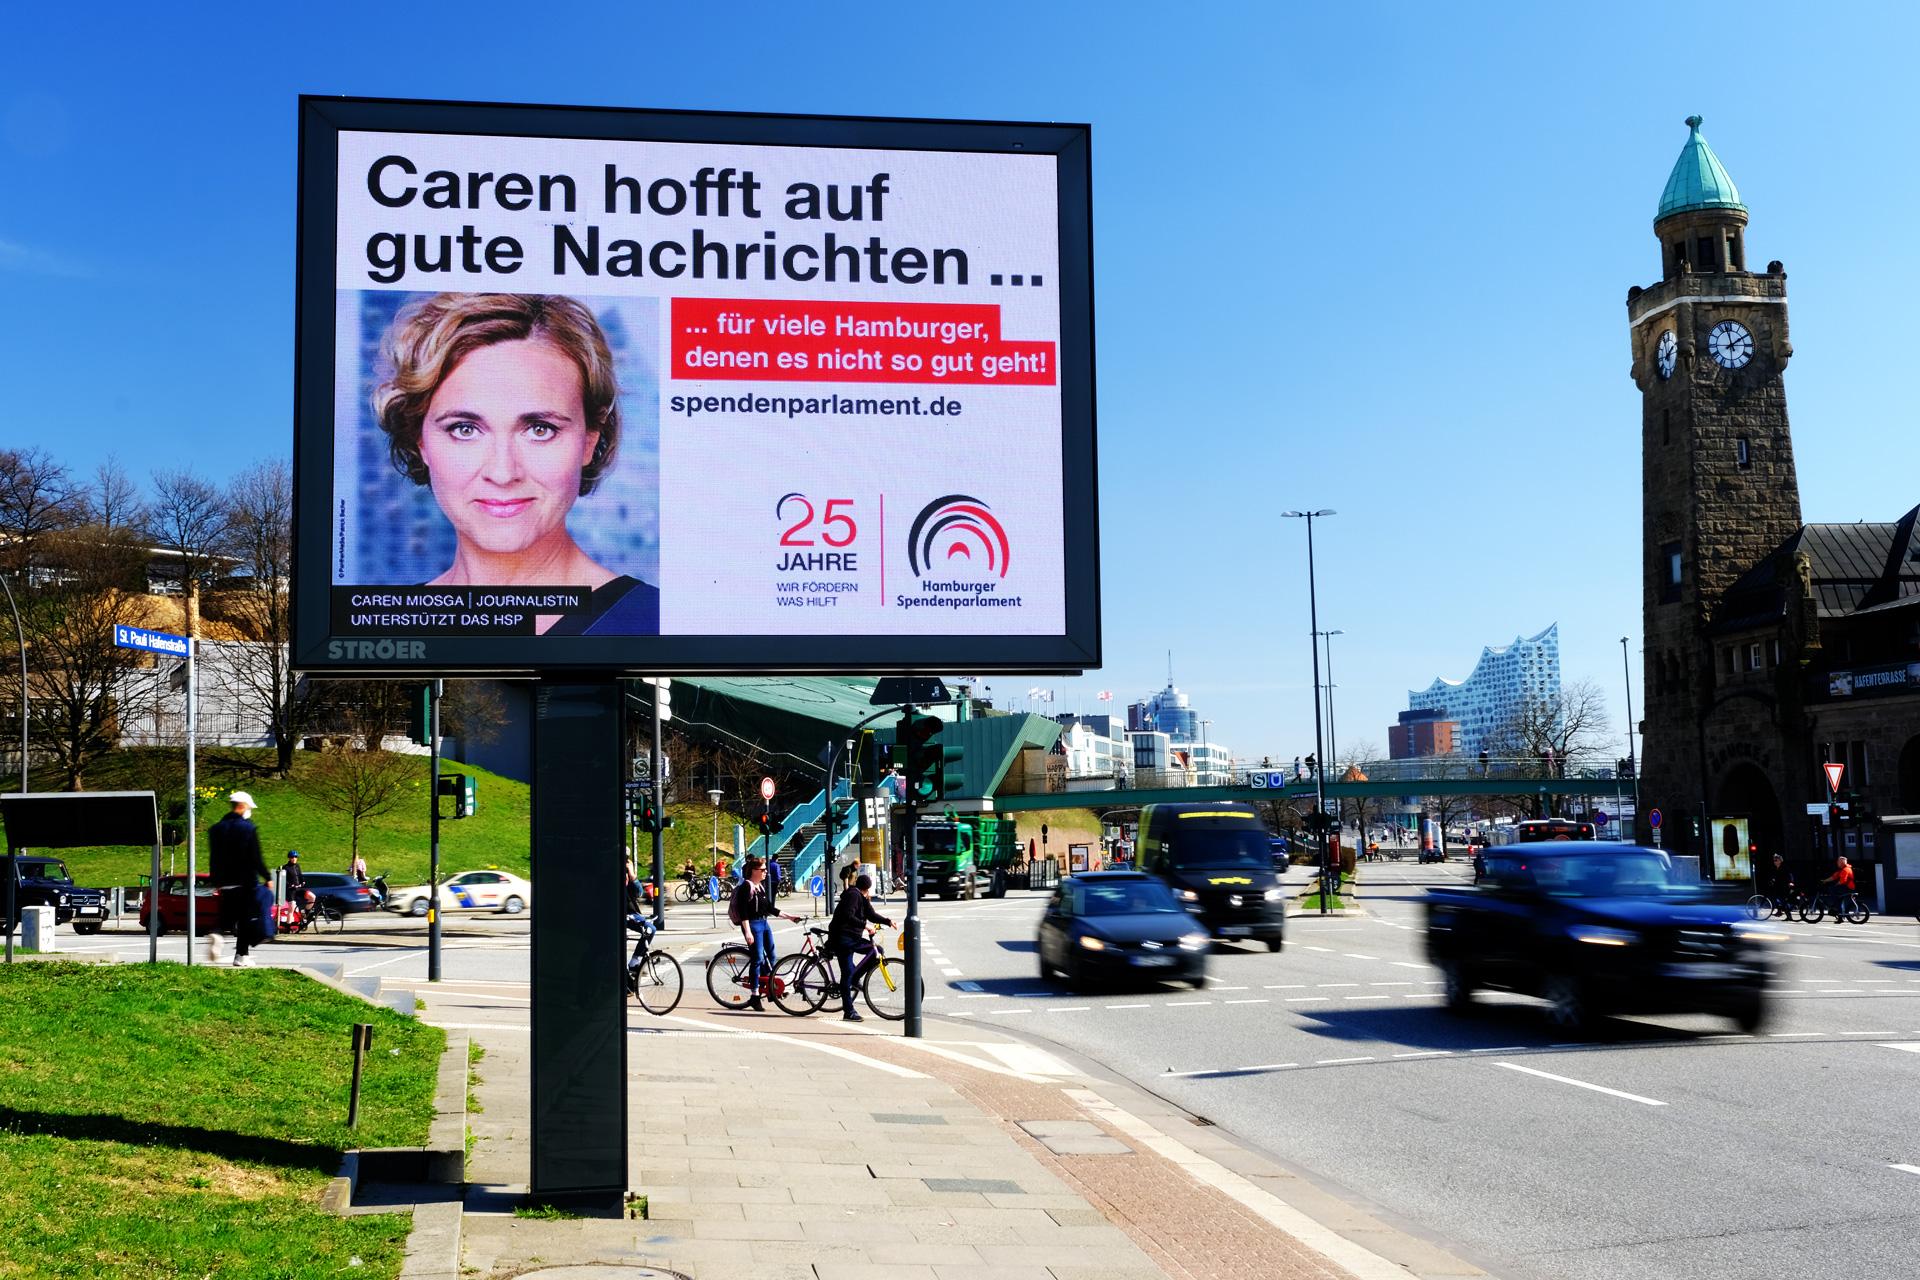 WERK4_Hamburger-Spendenparlament_Caren